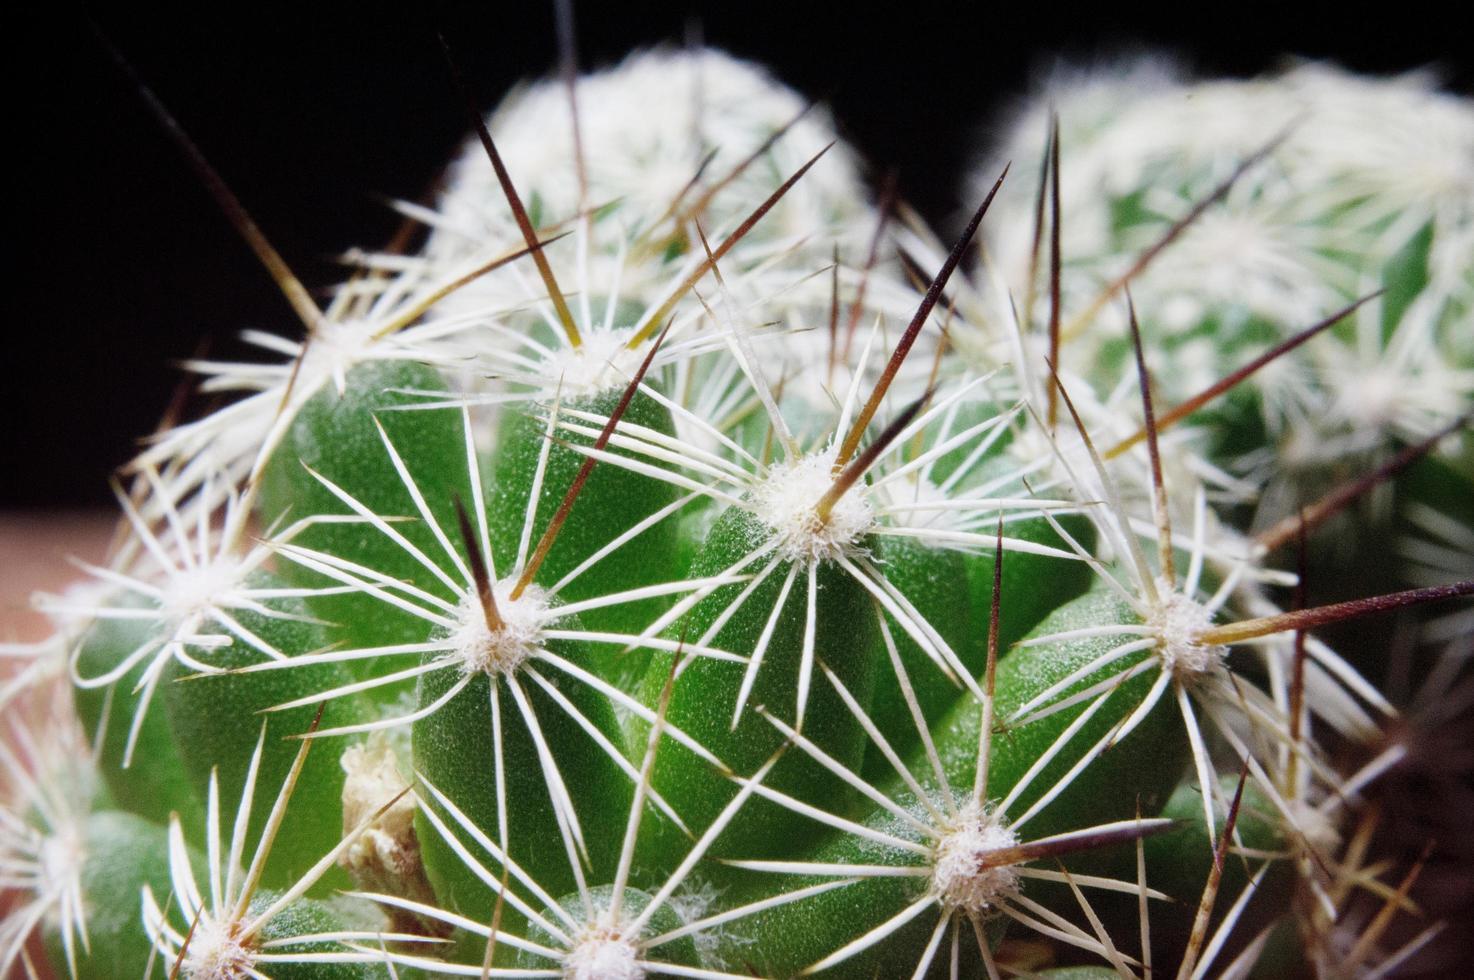 cactus close-up foto